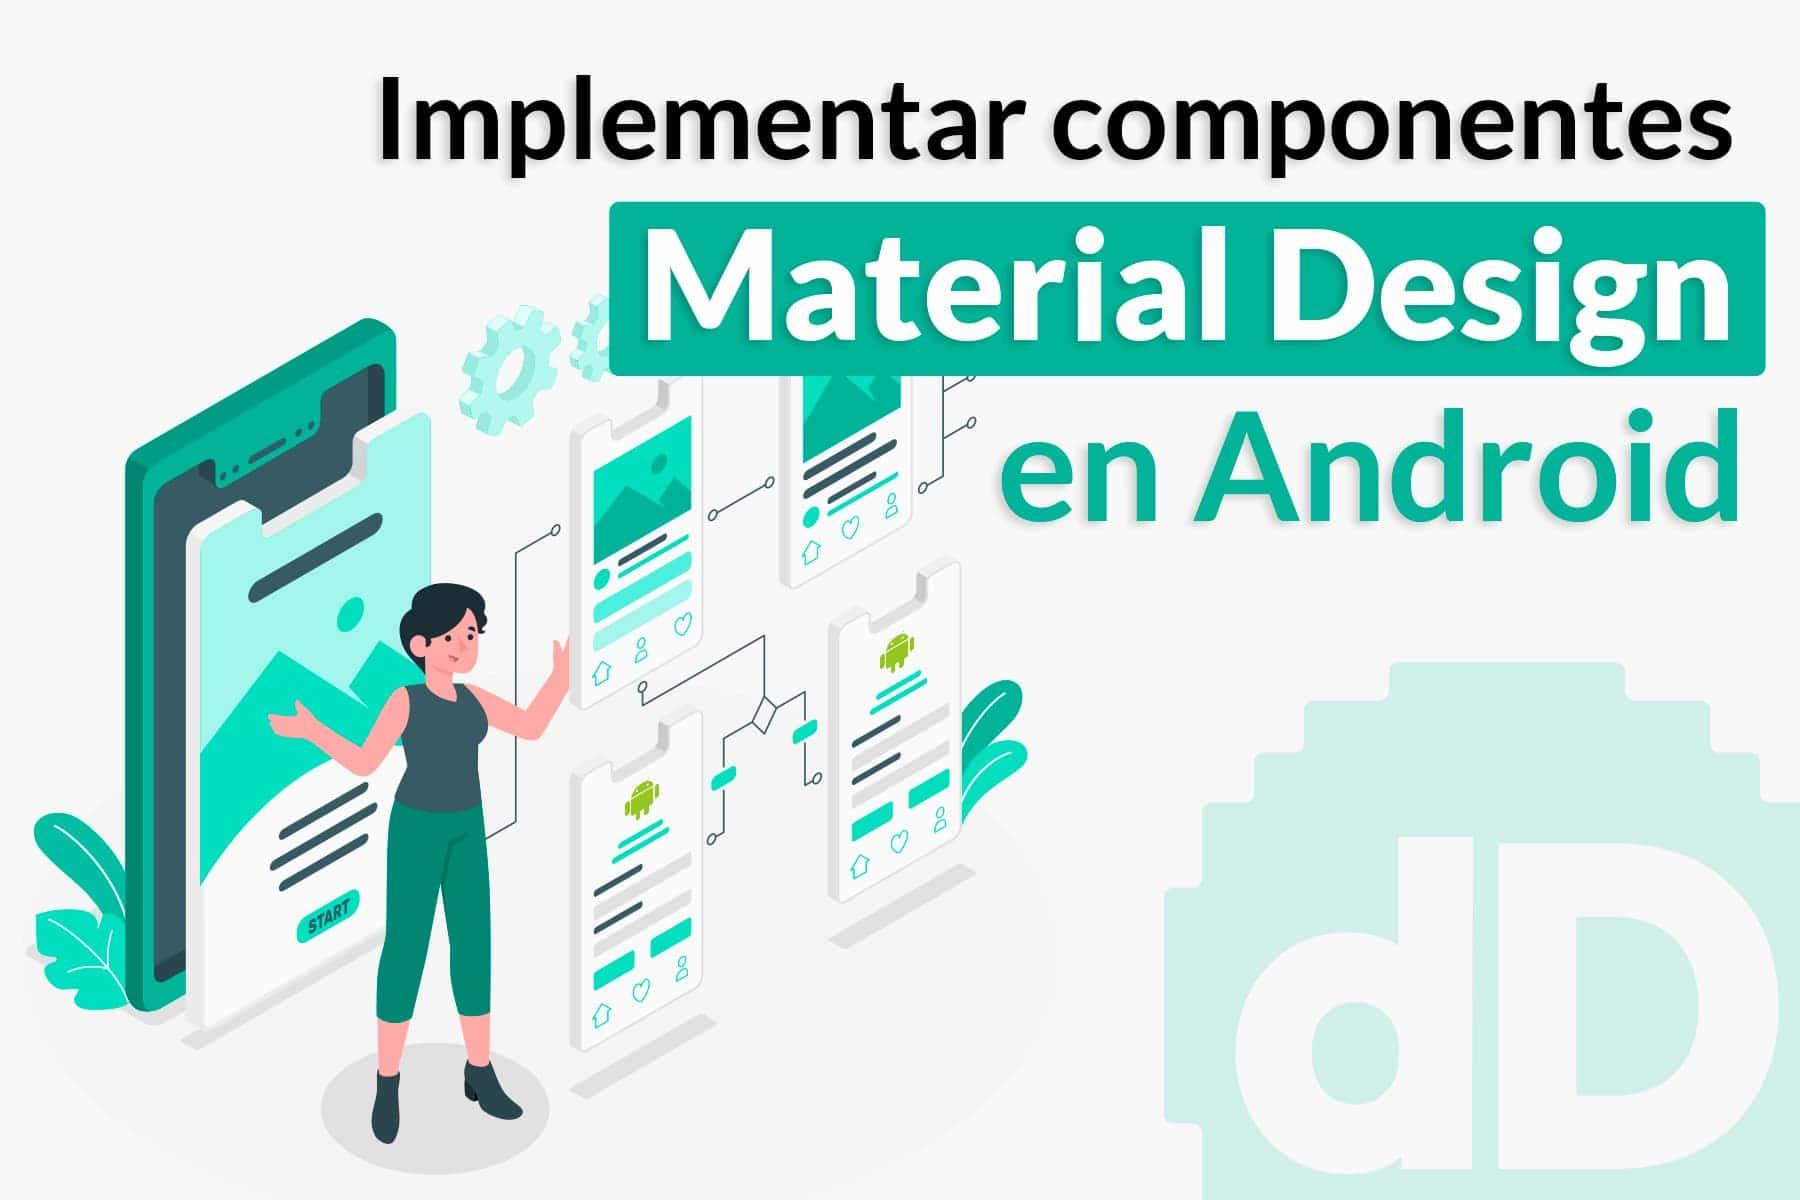 Cómo Implementar componentes Material Design en Android